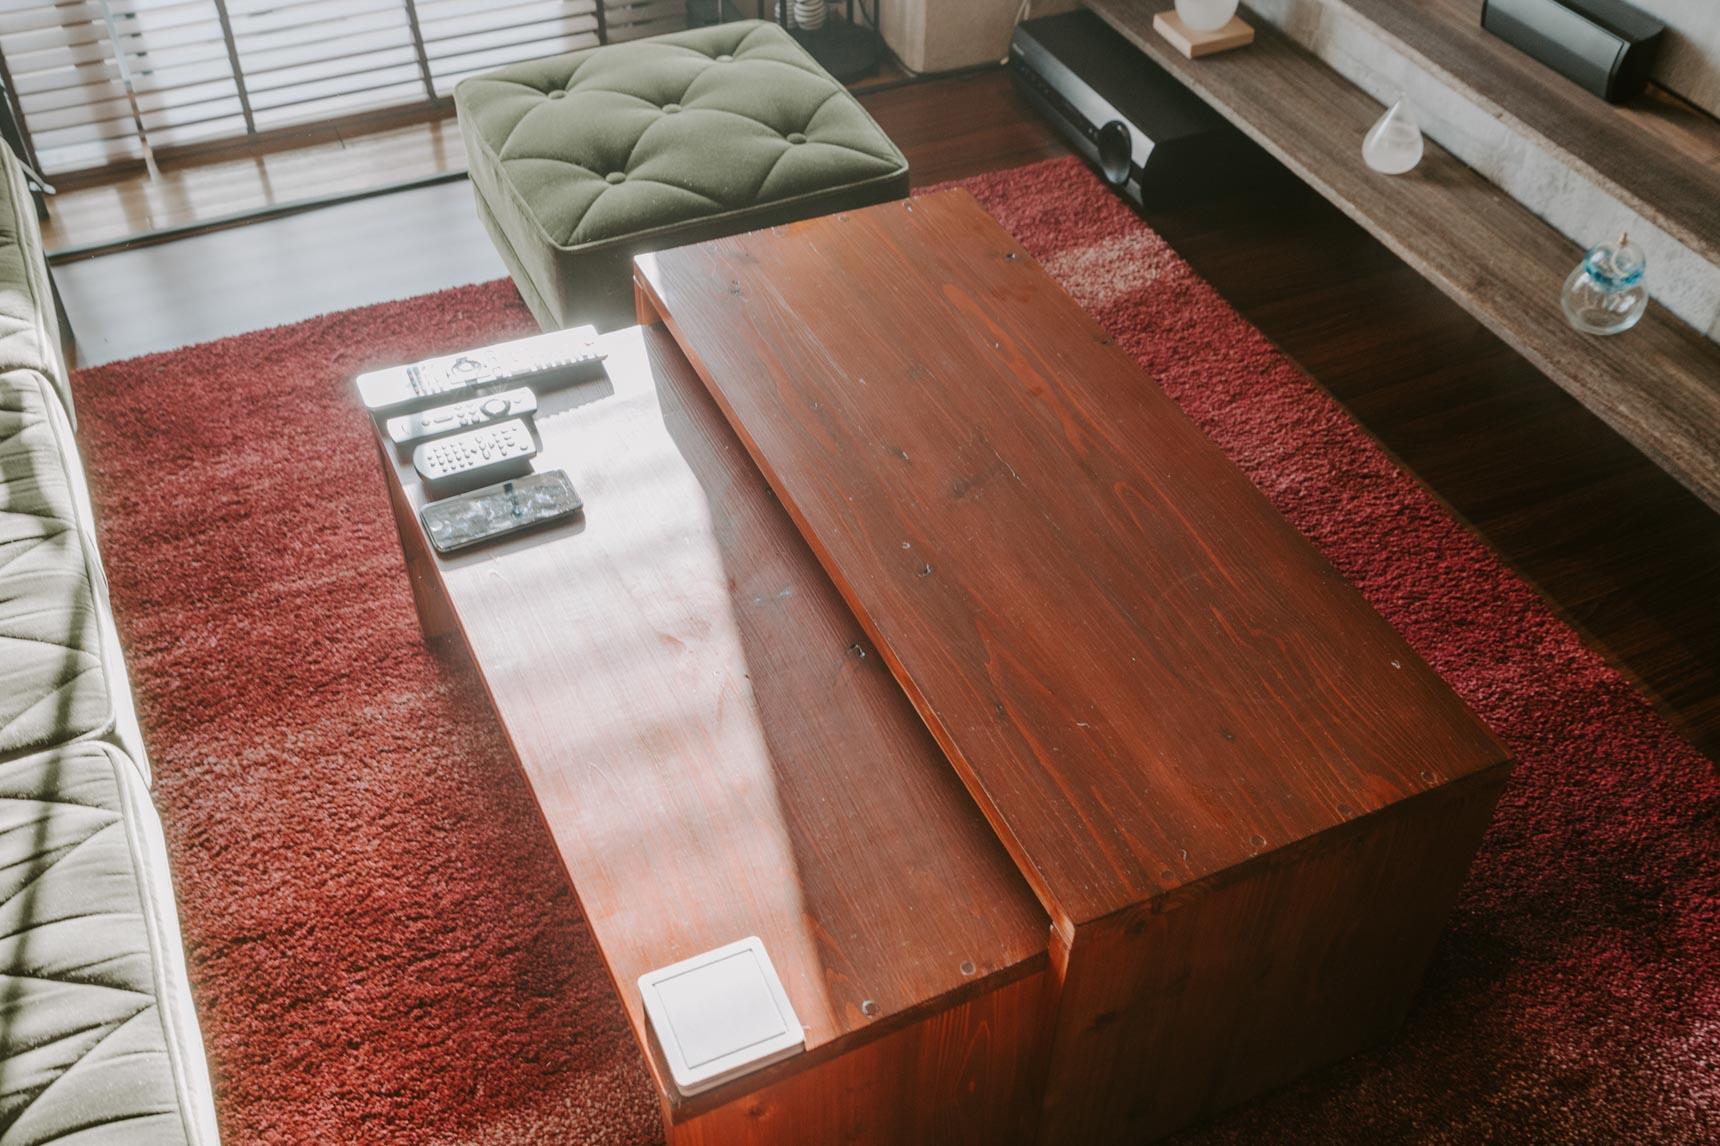 リビングにあったすっきりしたデザインのコーヒーテーブルも、自作。ネスト式になっていてリモコンなどが隠せるのがポイント。